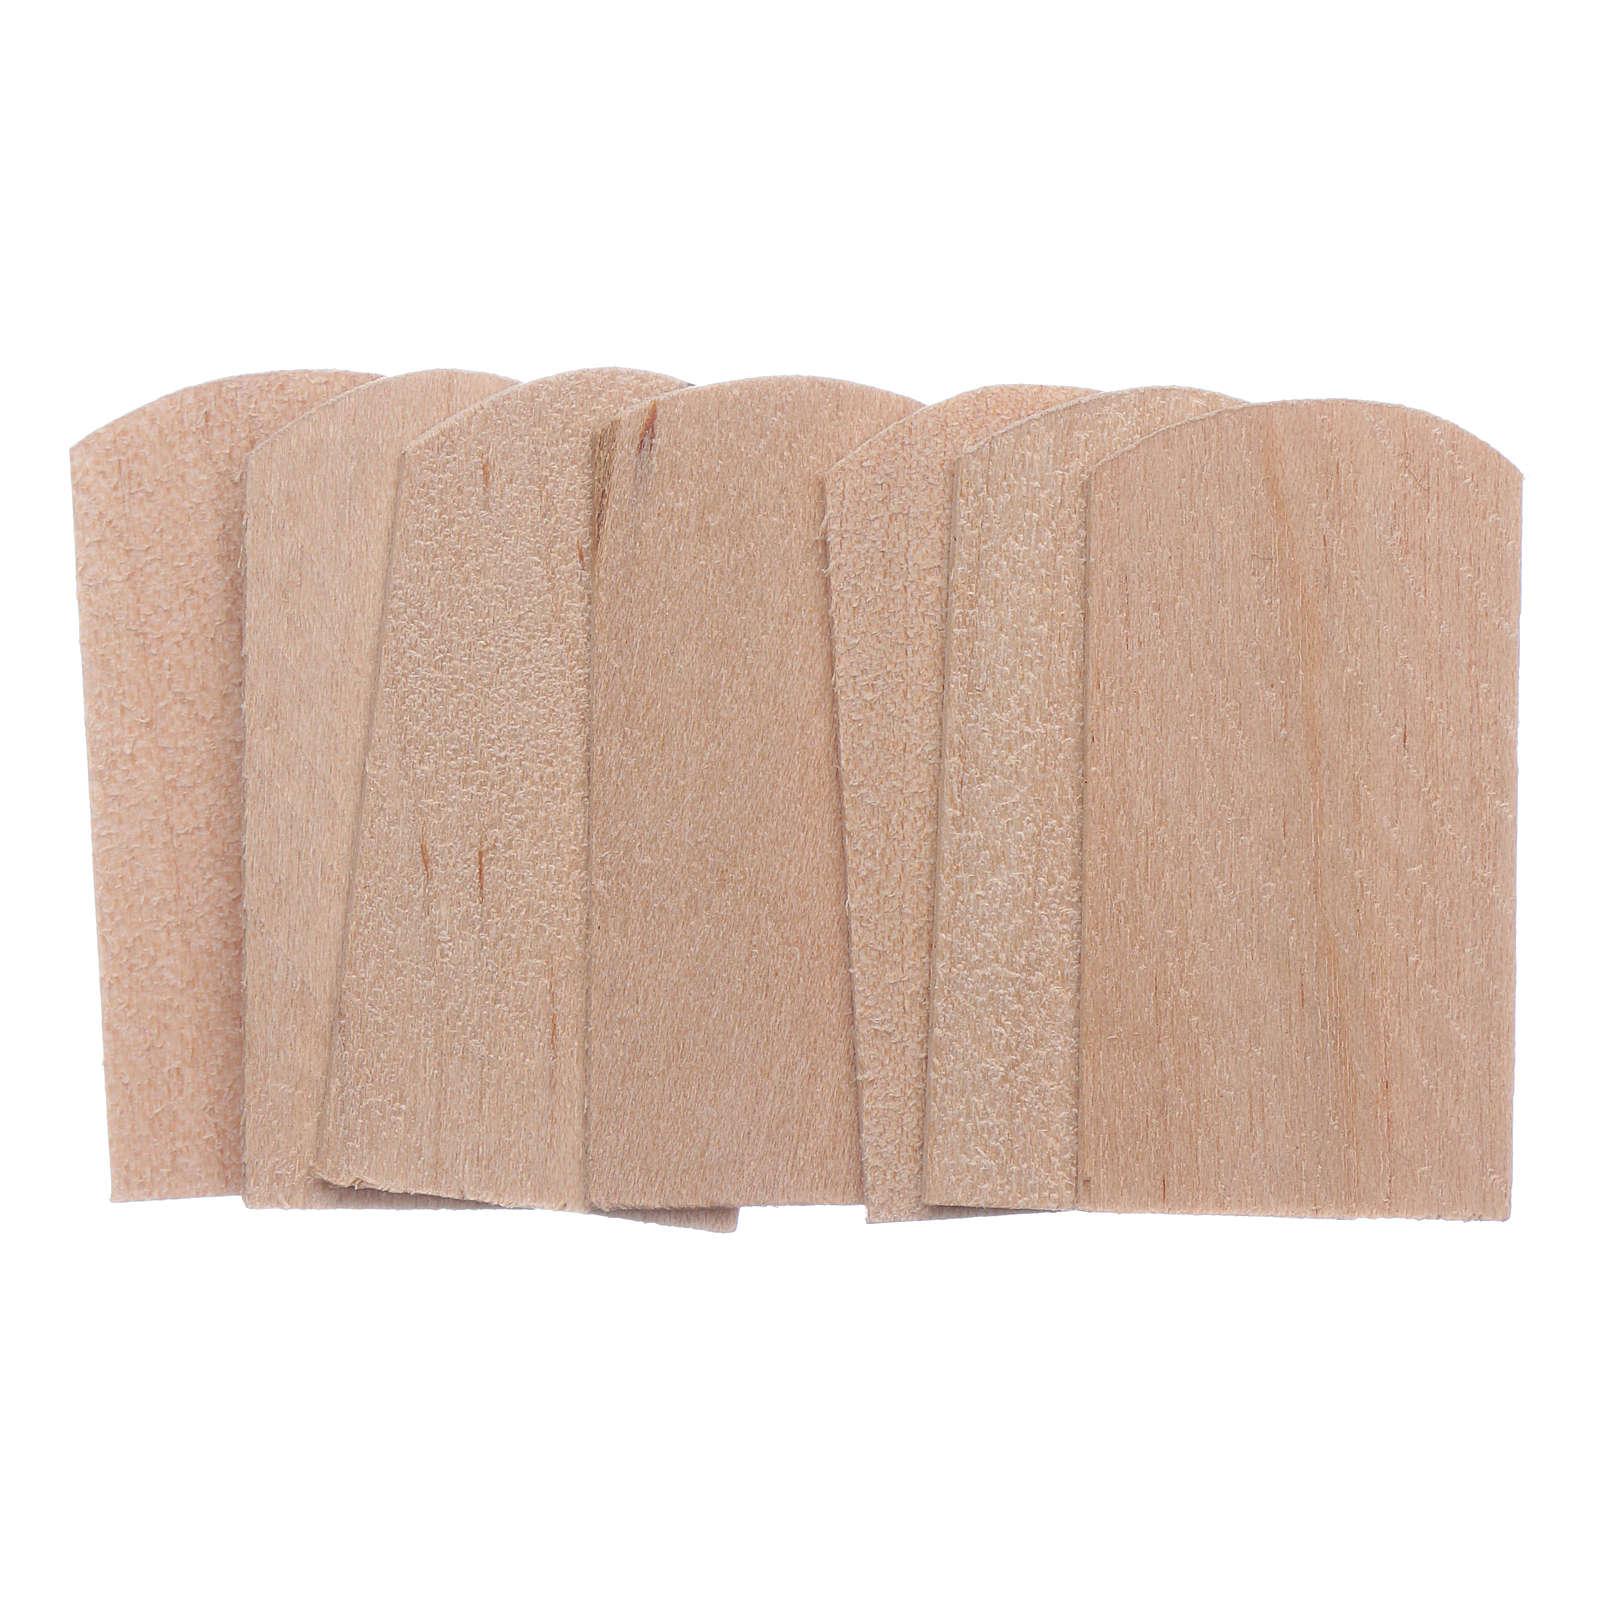 Tuiles bois 100 pcs 1,5x3 cm crèche 4